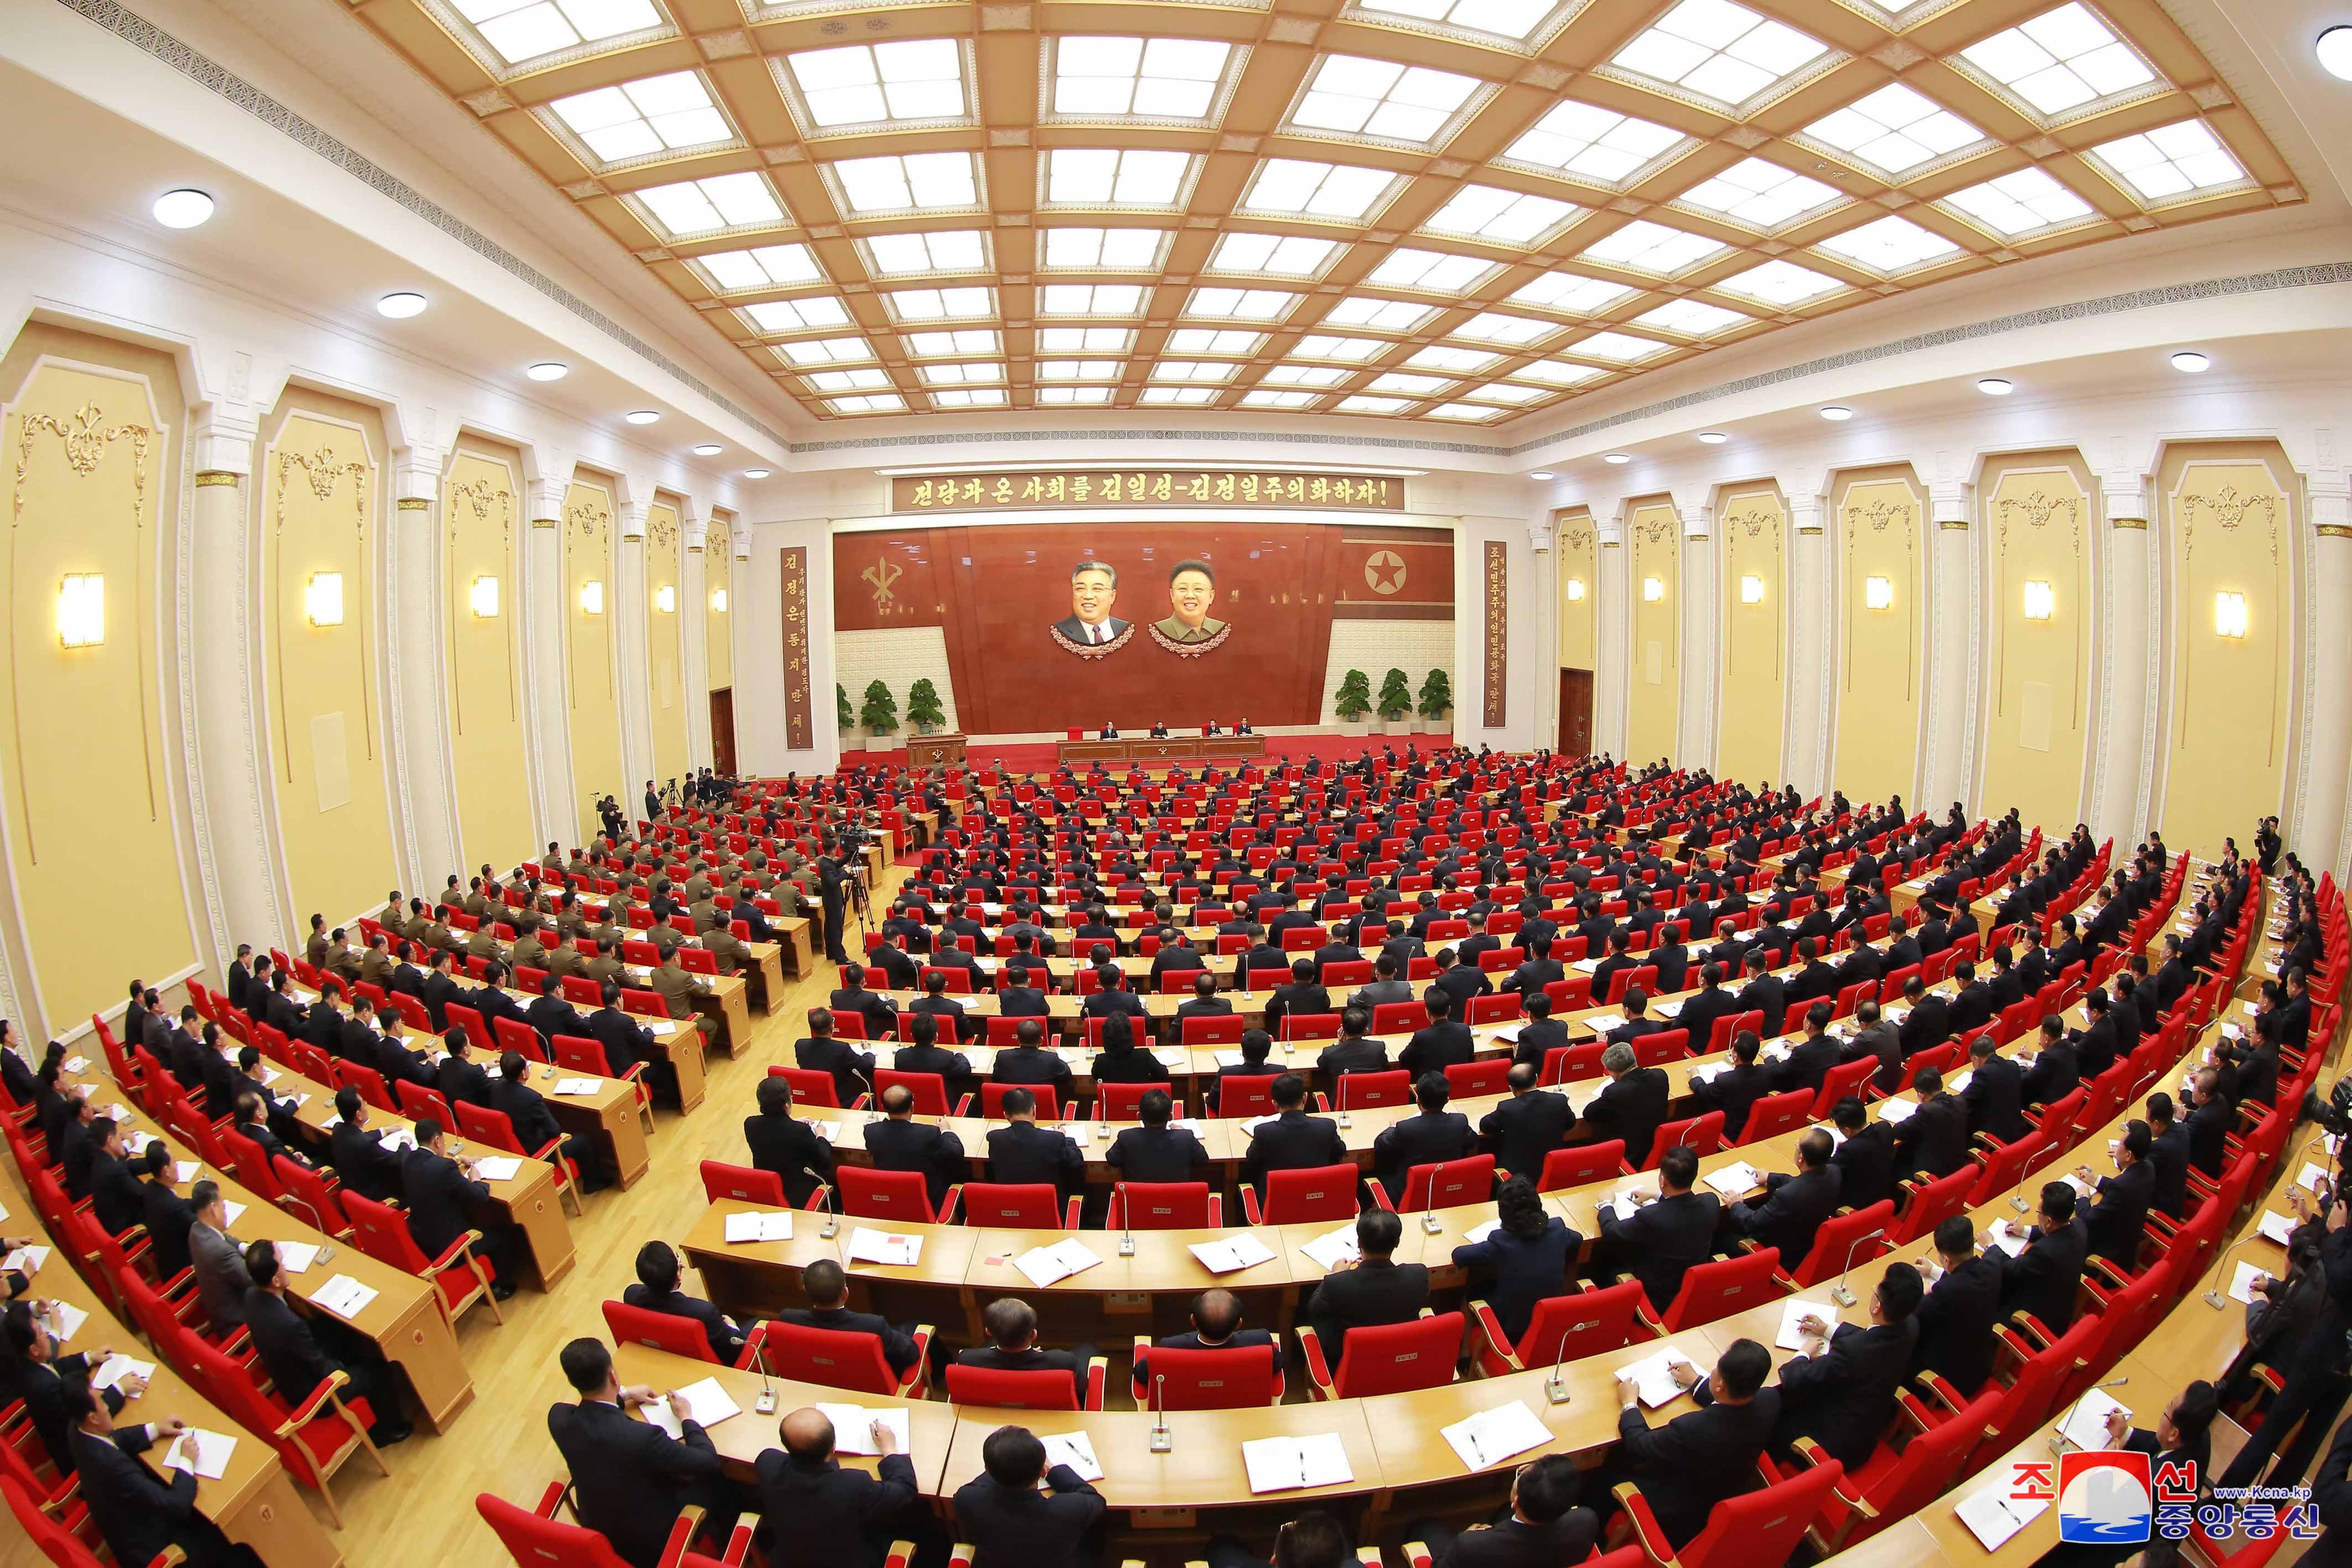 外媒:国际社会对朝鲜停止核及弹道导弹试验决定表示欢迎